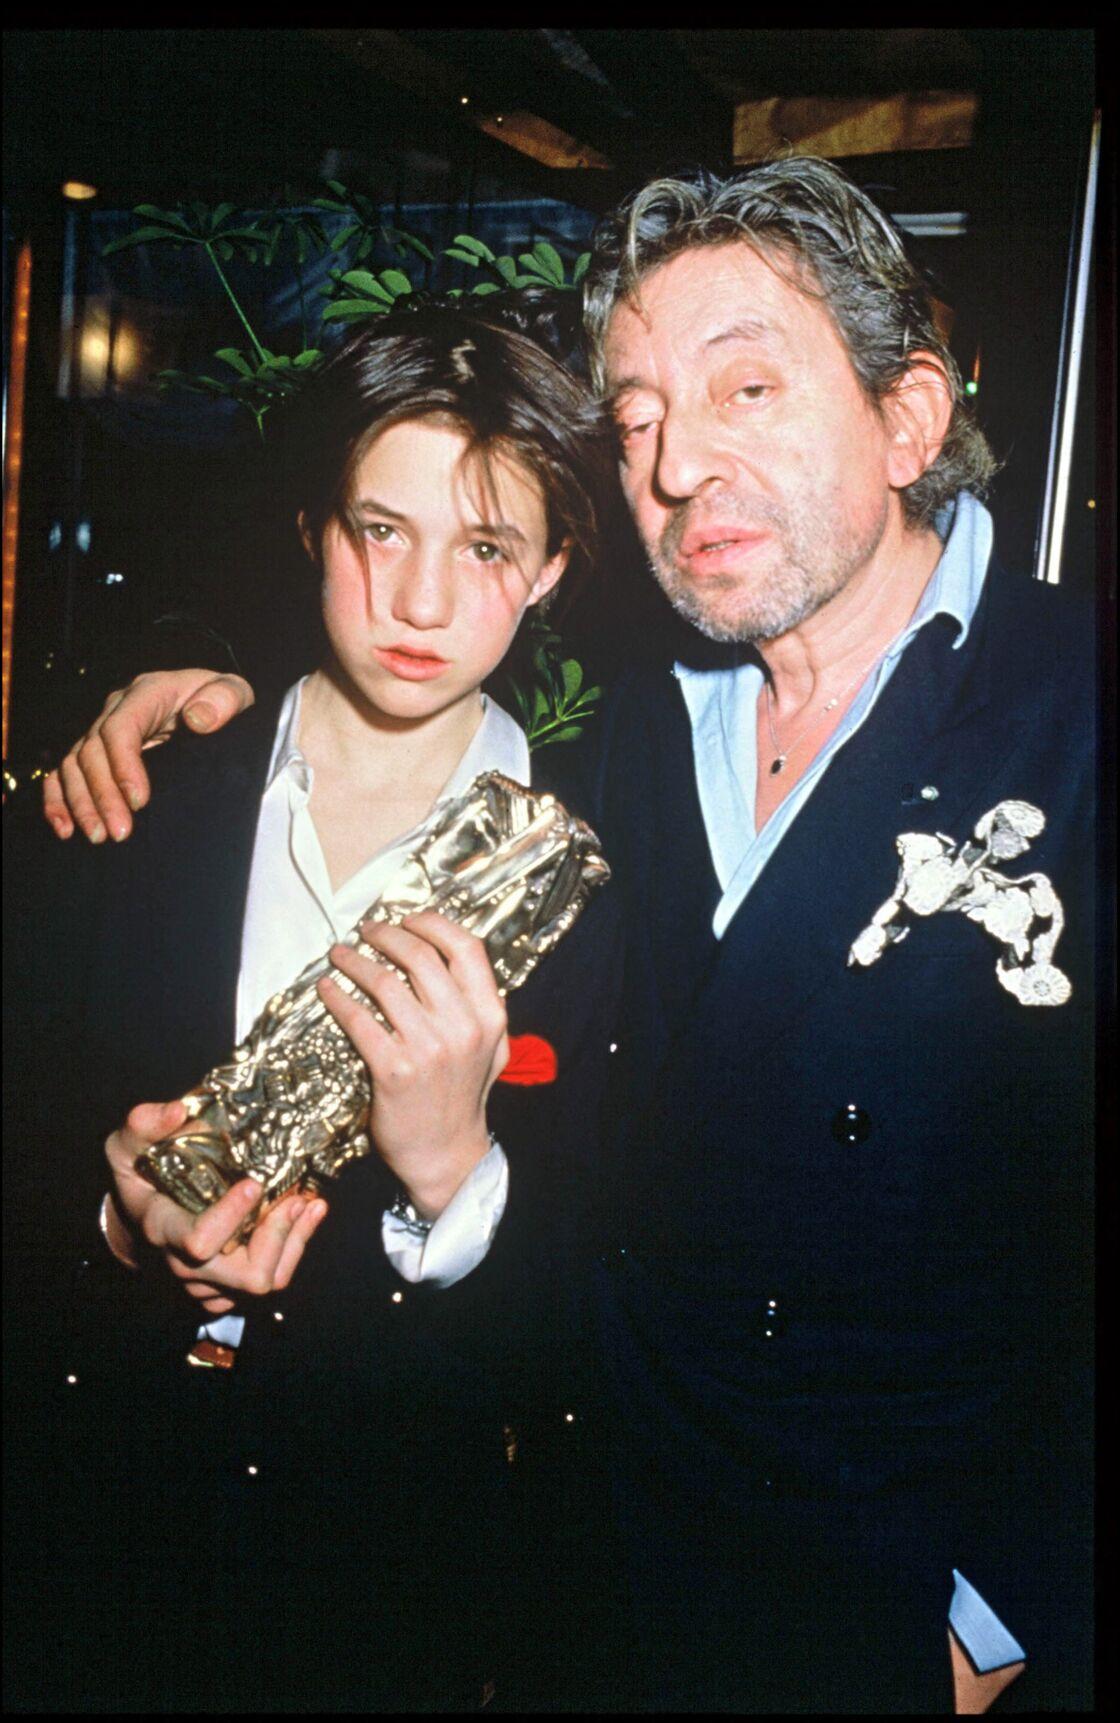 Charlotte Gainsbourg, César du meilleur espoir féminin pour le film